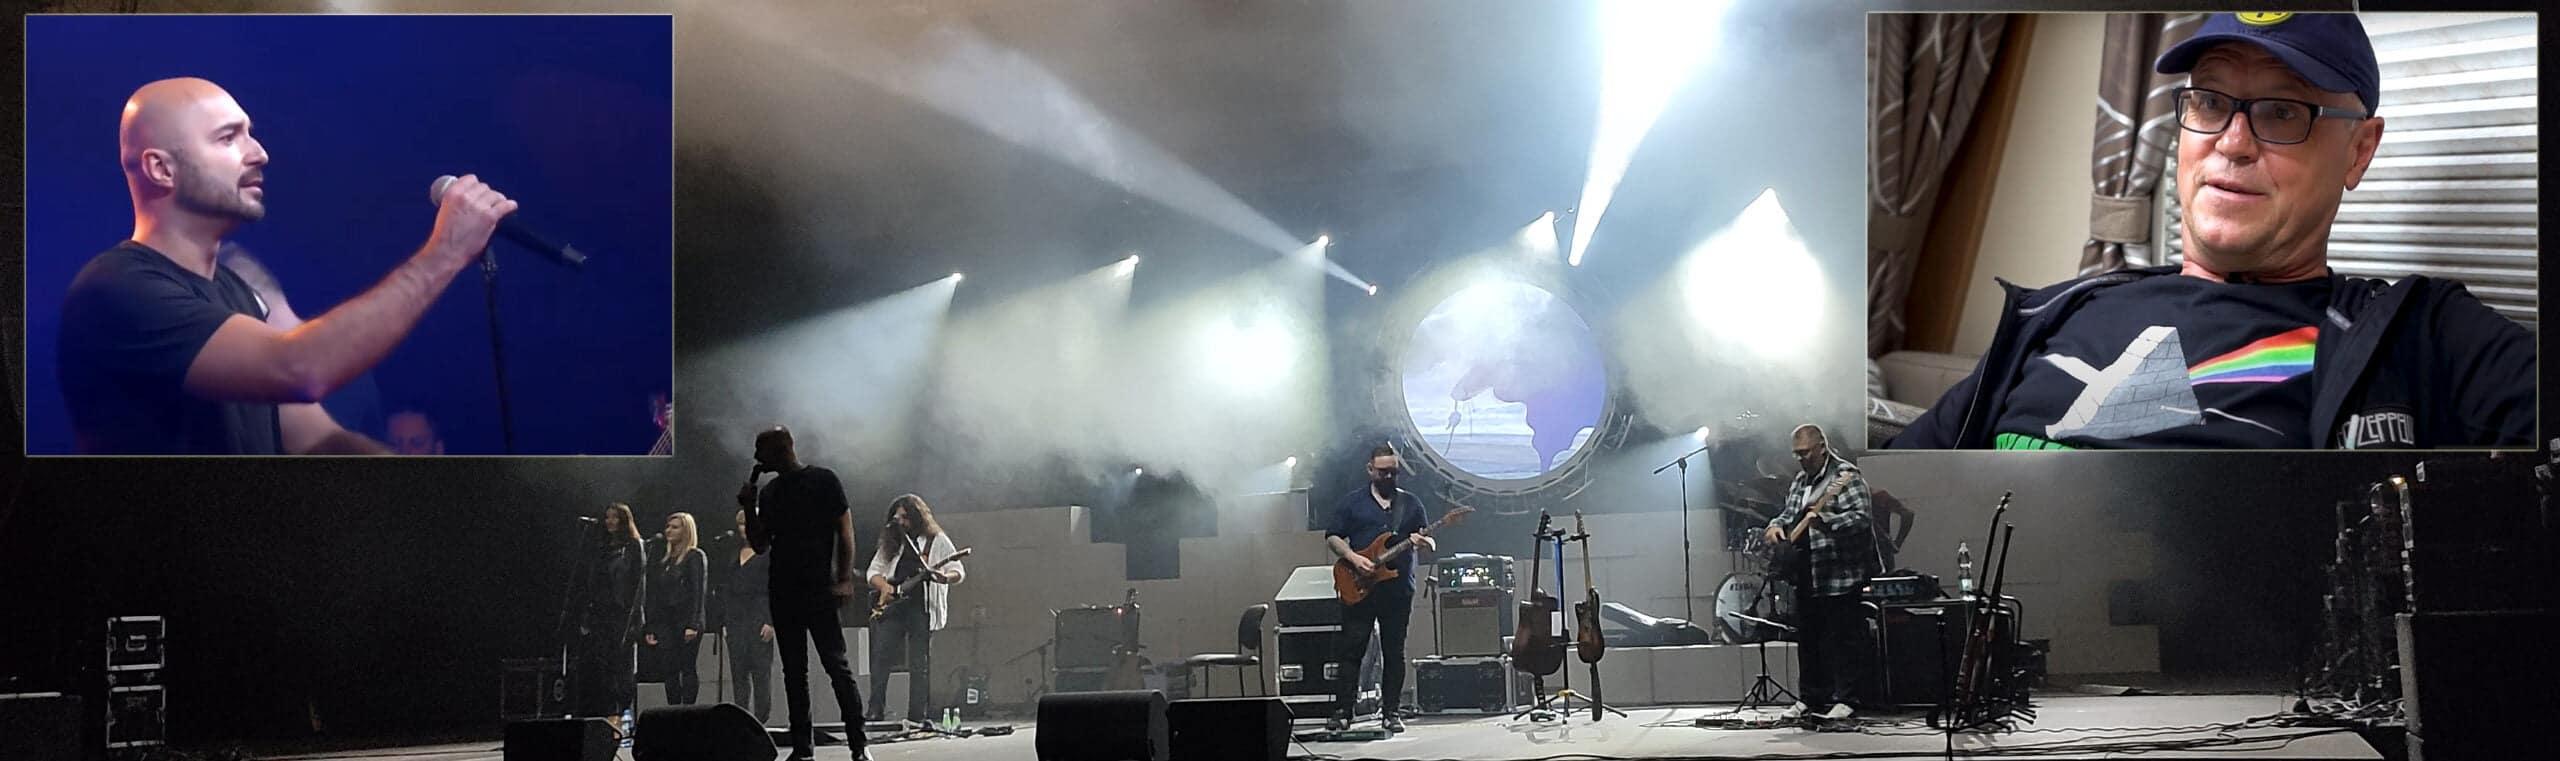 Another Pink Floyd Nowy Sącz